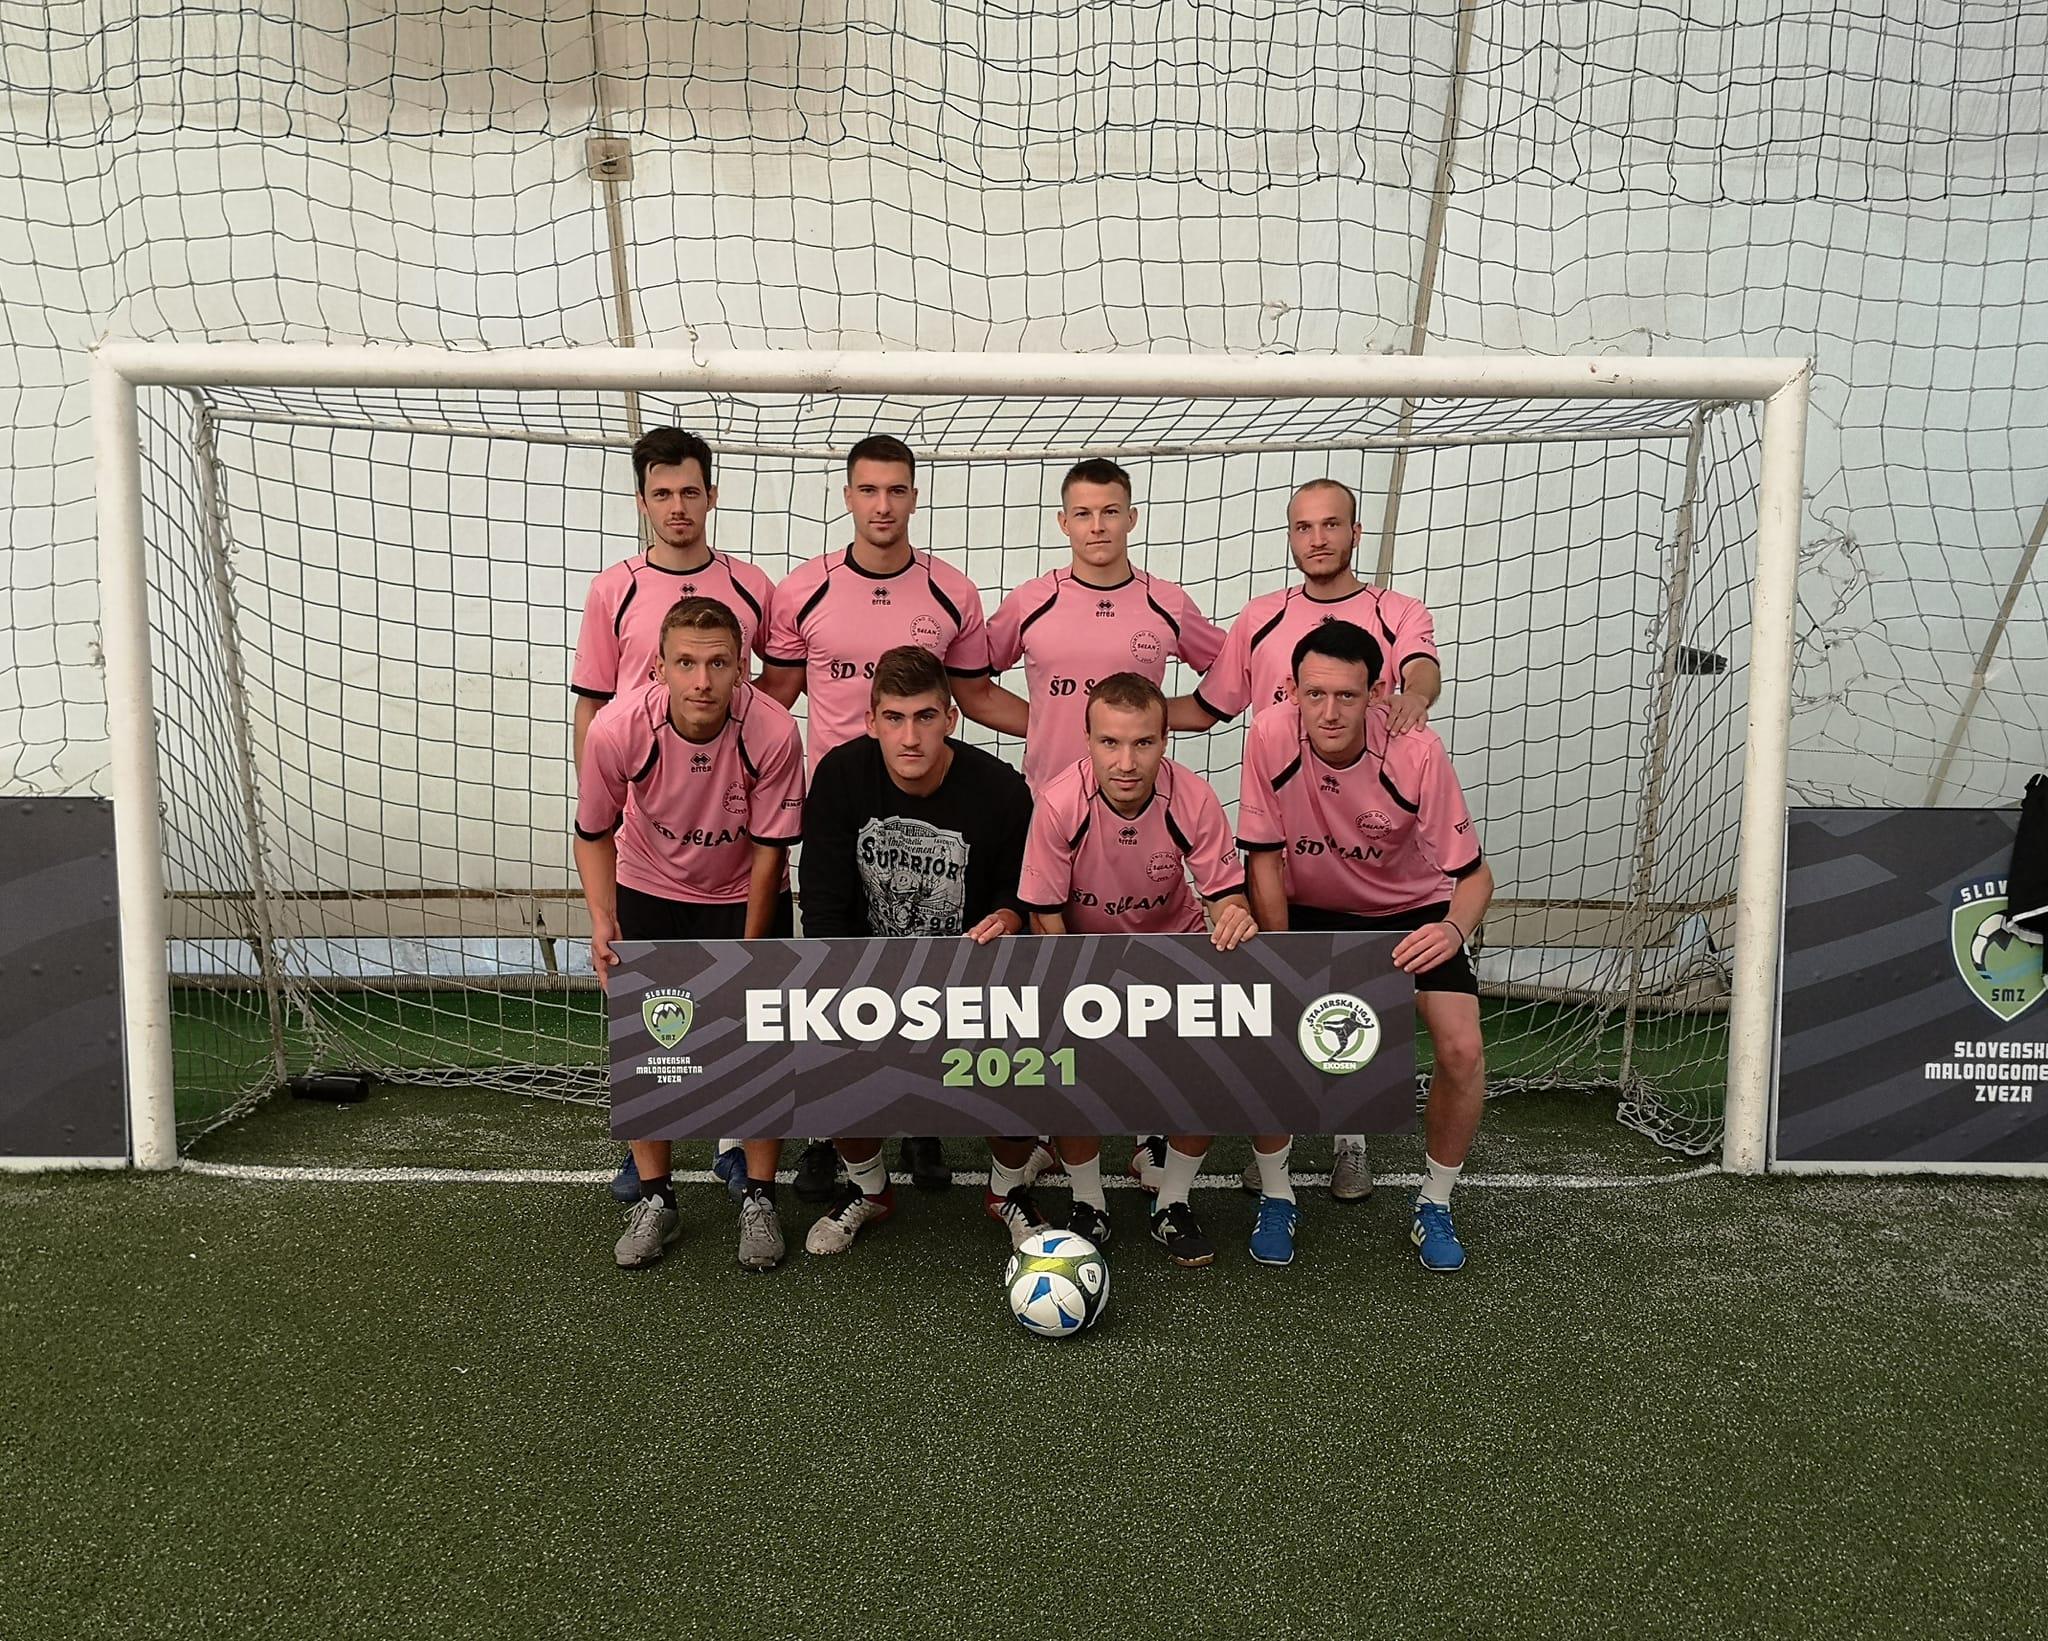 ŠD Selan-Ekosen Open turnir-2021